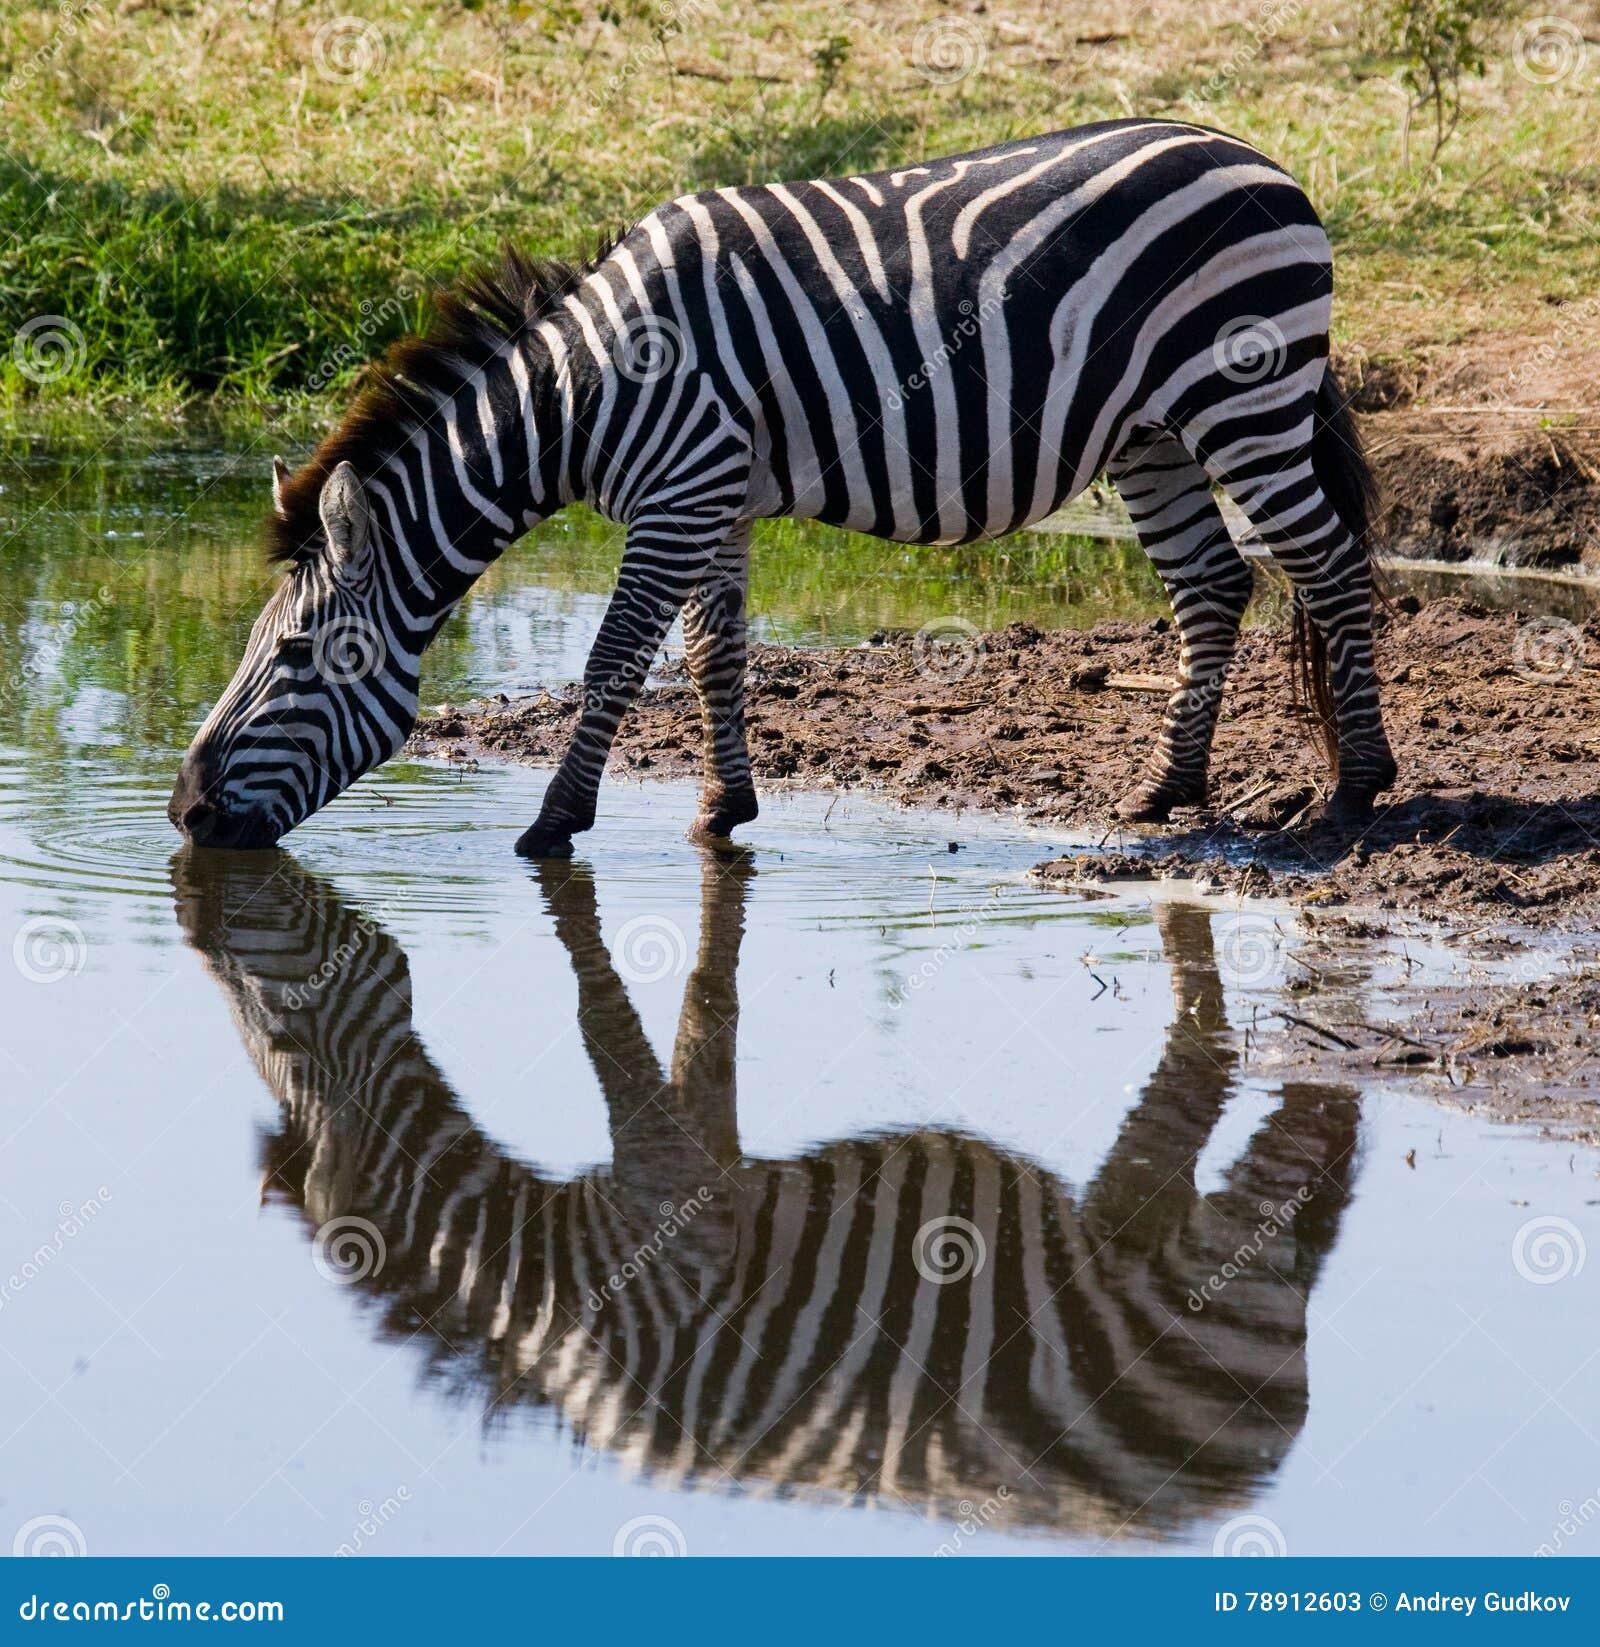 Ζέβες πόσιμο νερό από τον ποταμό Κένυα Τανζανία Εθνικό πάρκο serengeti Maasai Mara